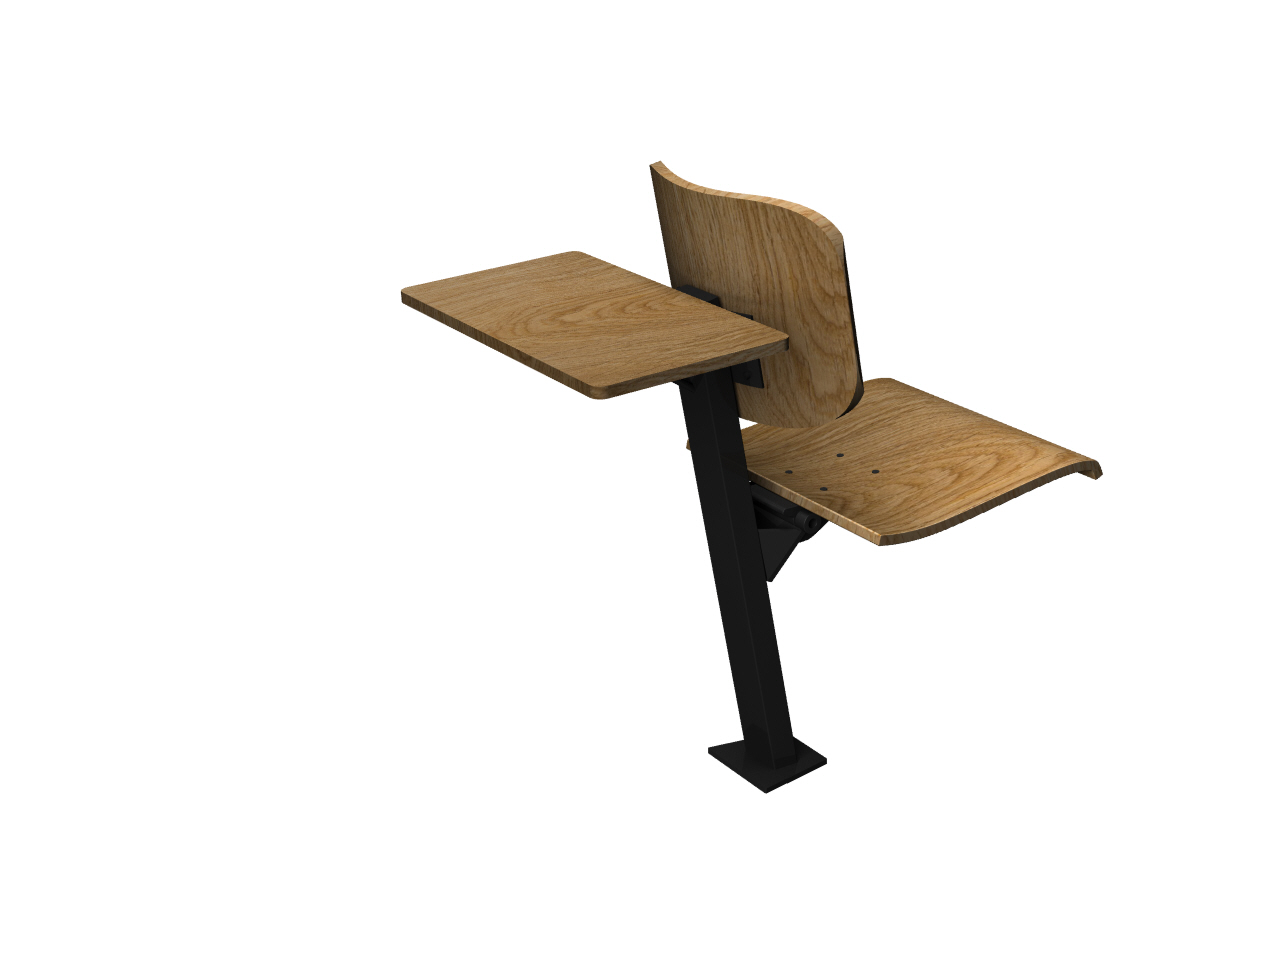 Kleslo - pulpitum- Leader de fabrication de fauteuils cinéma, théâtre ...pulpitum